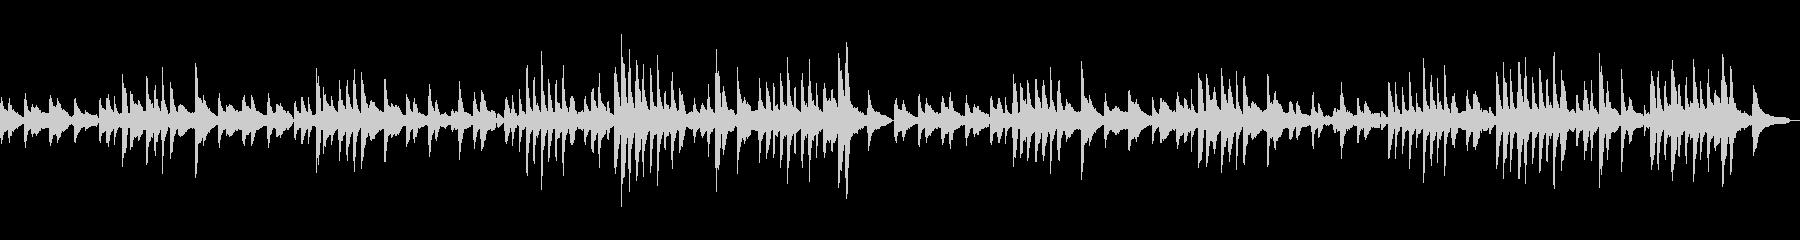 [サティ] ジムノペディ1番 ピアノ演奏の未再生の波形